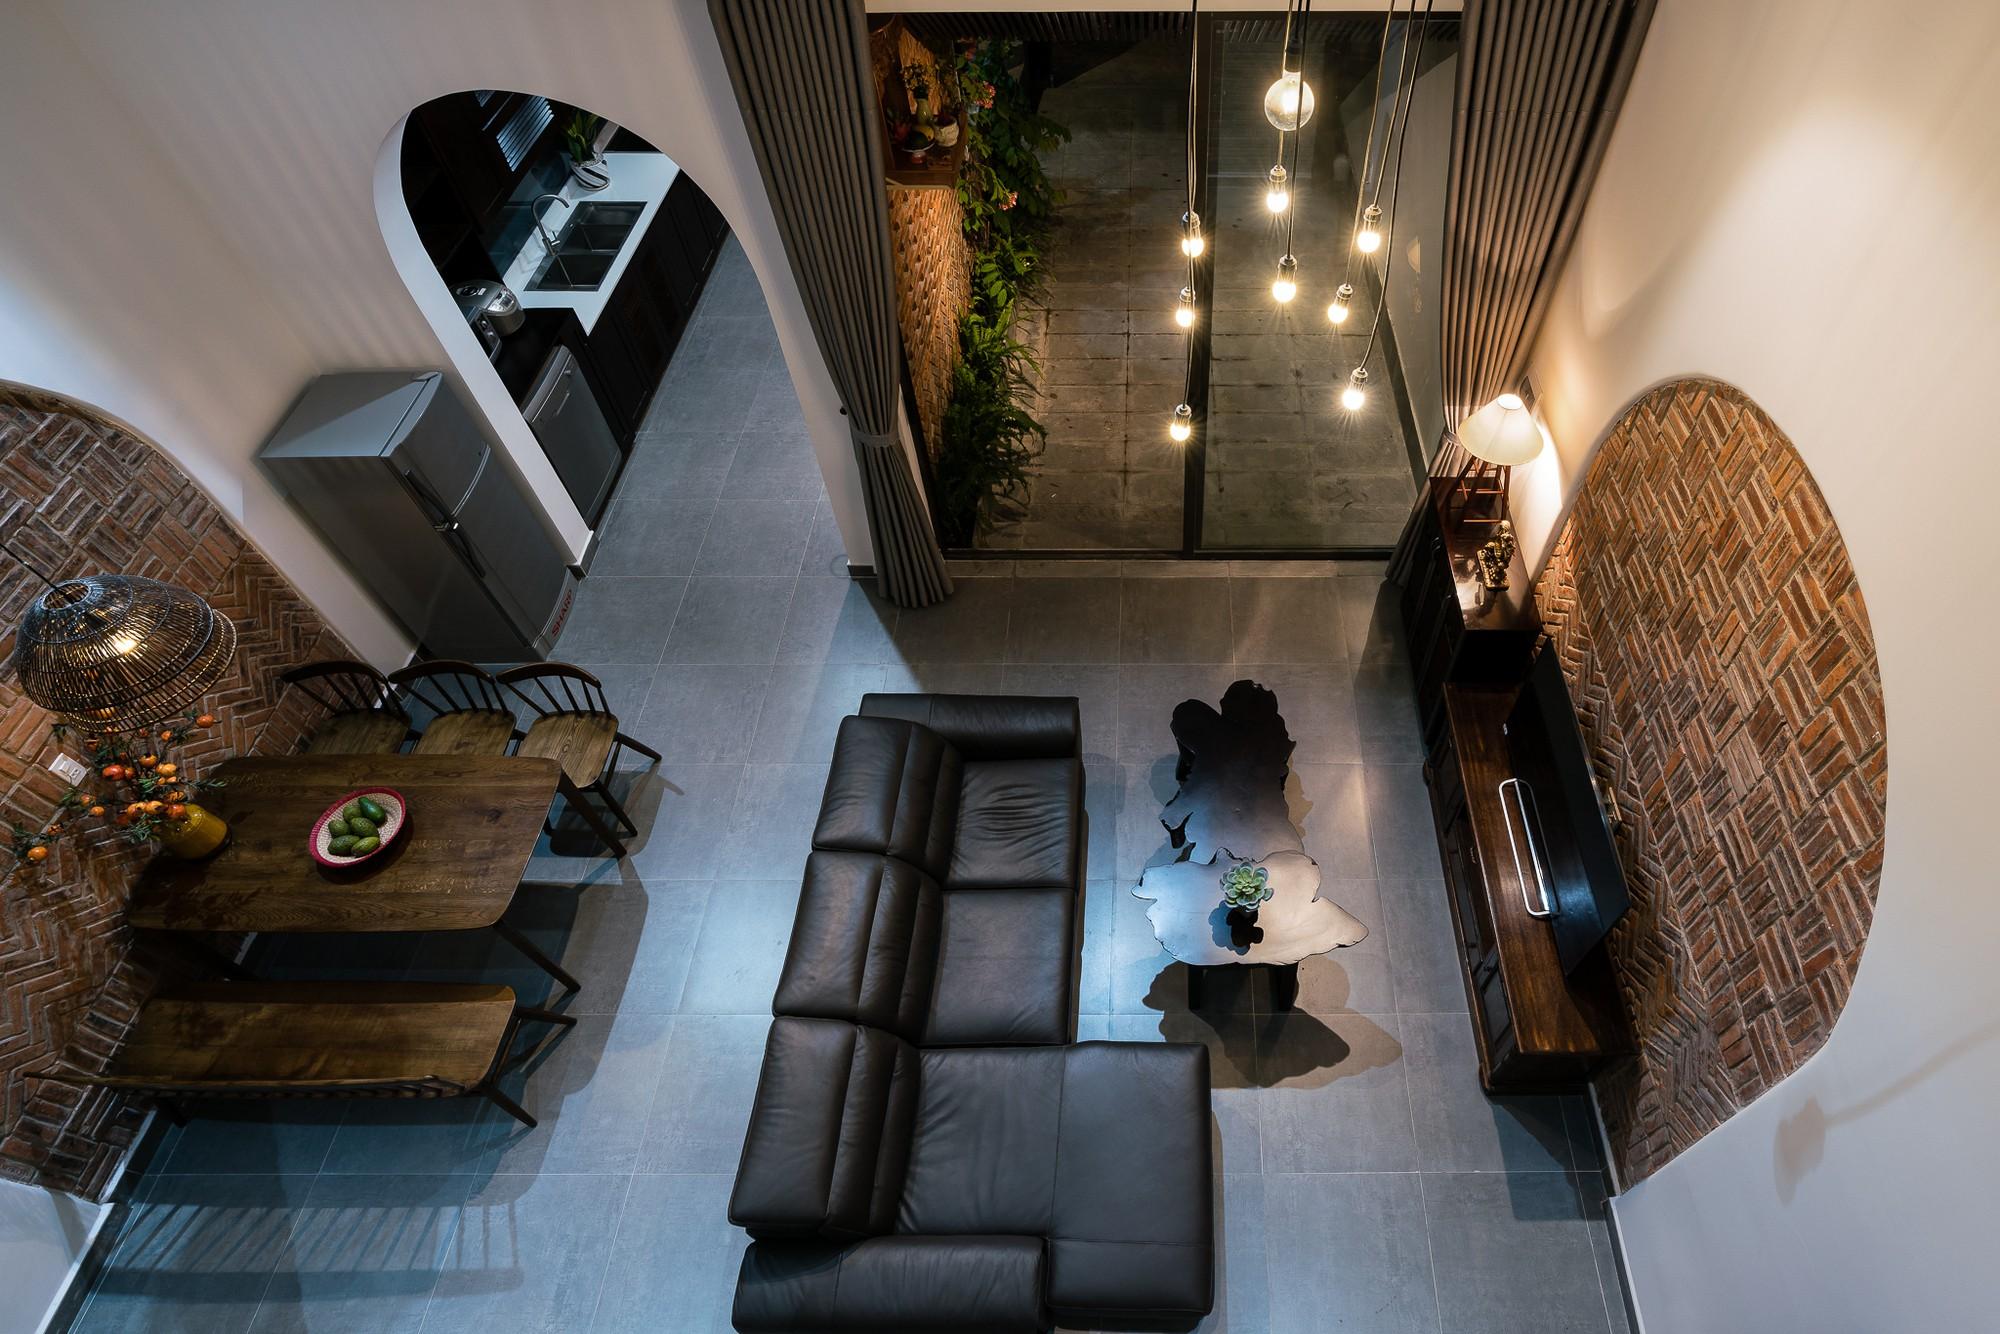 Ngôi nhà gạch 2 tầng của cặp vợ chồng già ở Đà Nẵng được tạp chí Mỹ xuýt xoa khen ngợi - Ảnh 8.